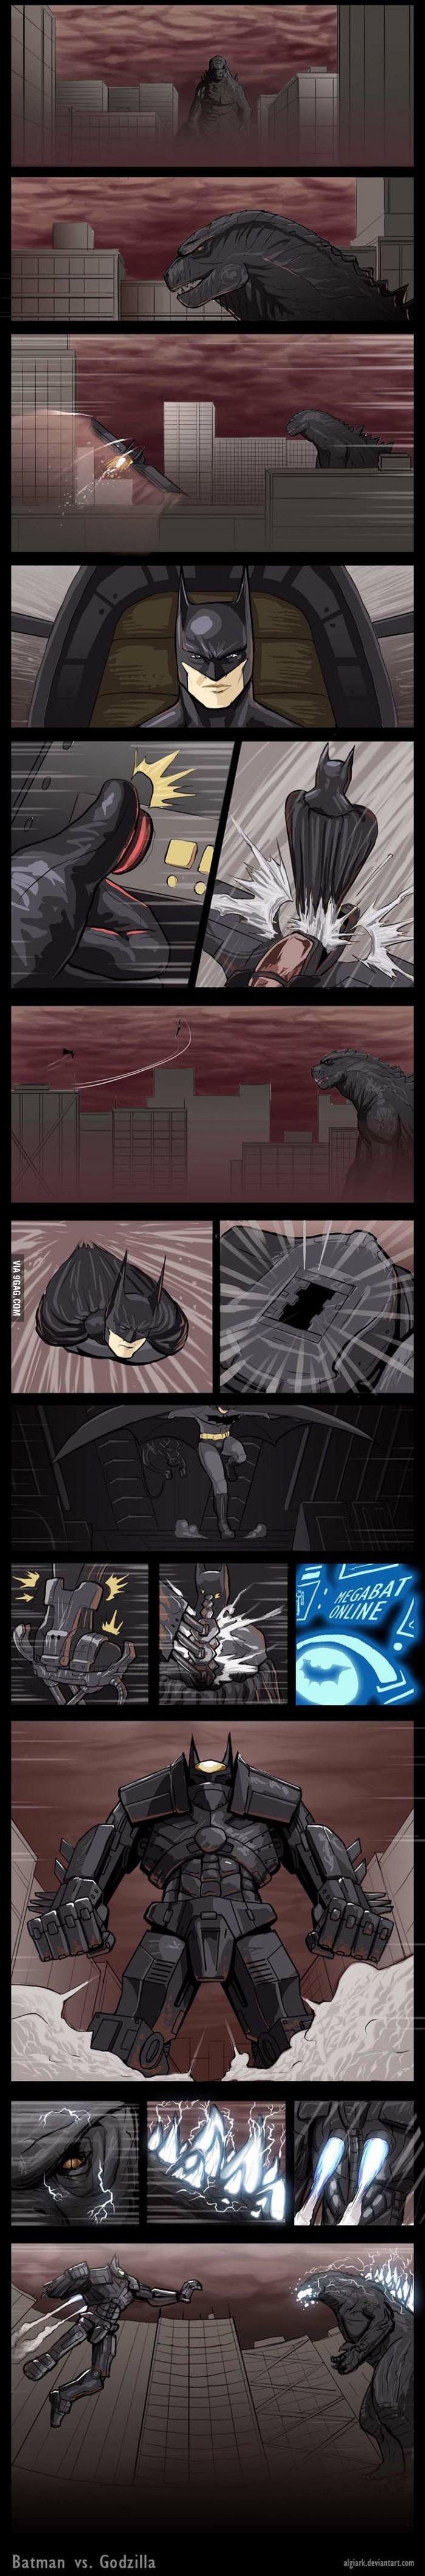 Batman vs Godzilla - Изображение 1